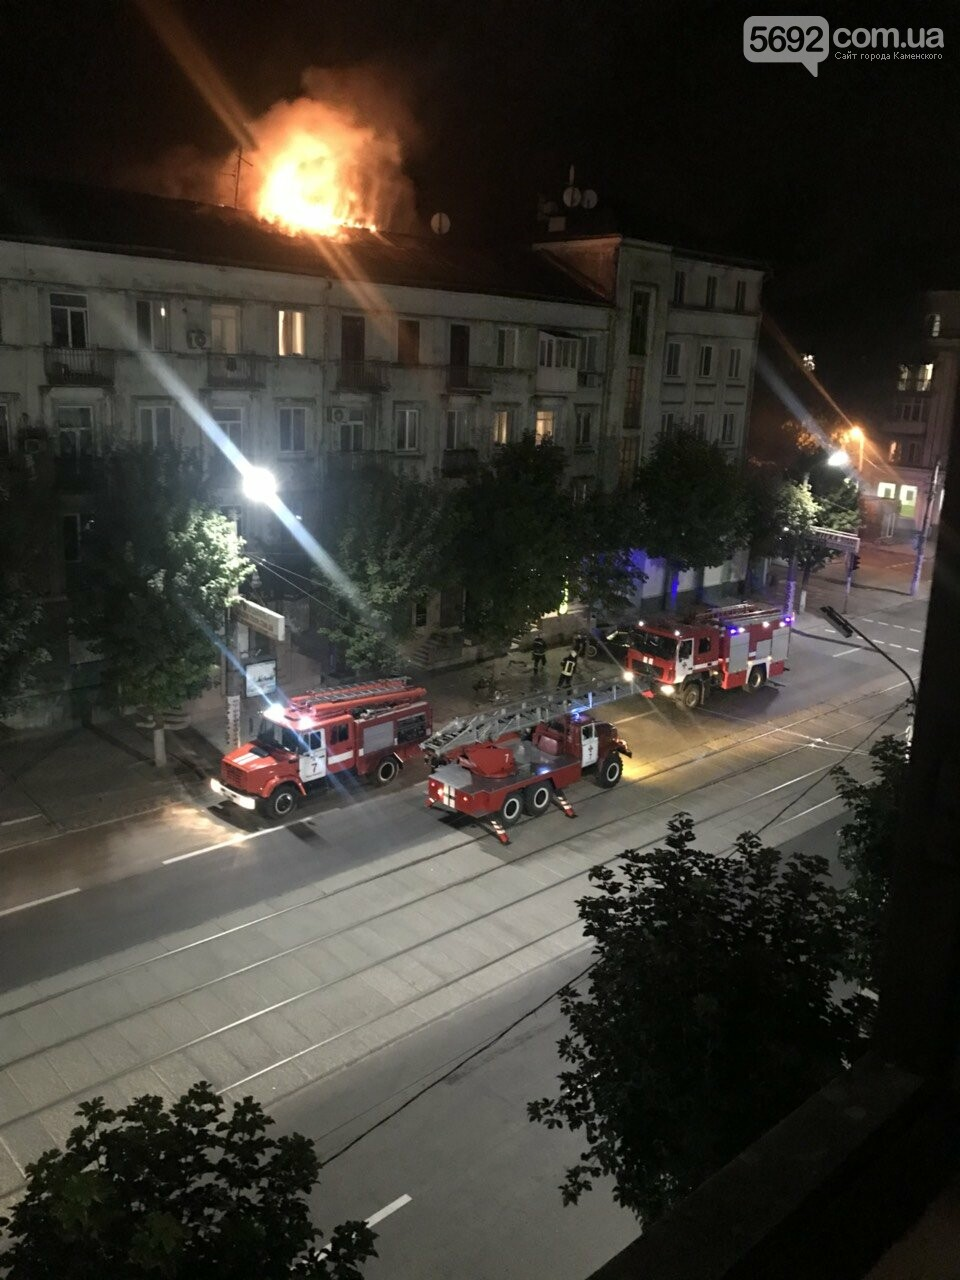 В Каменском на Тараса Шевченко ликвидировали крупный пожар, фото-1